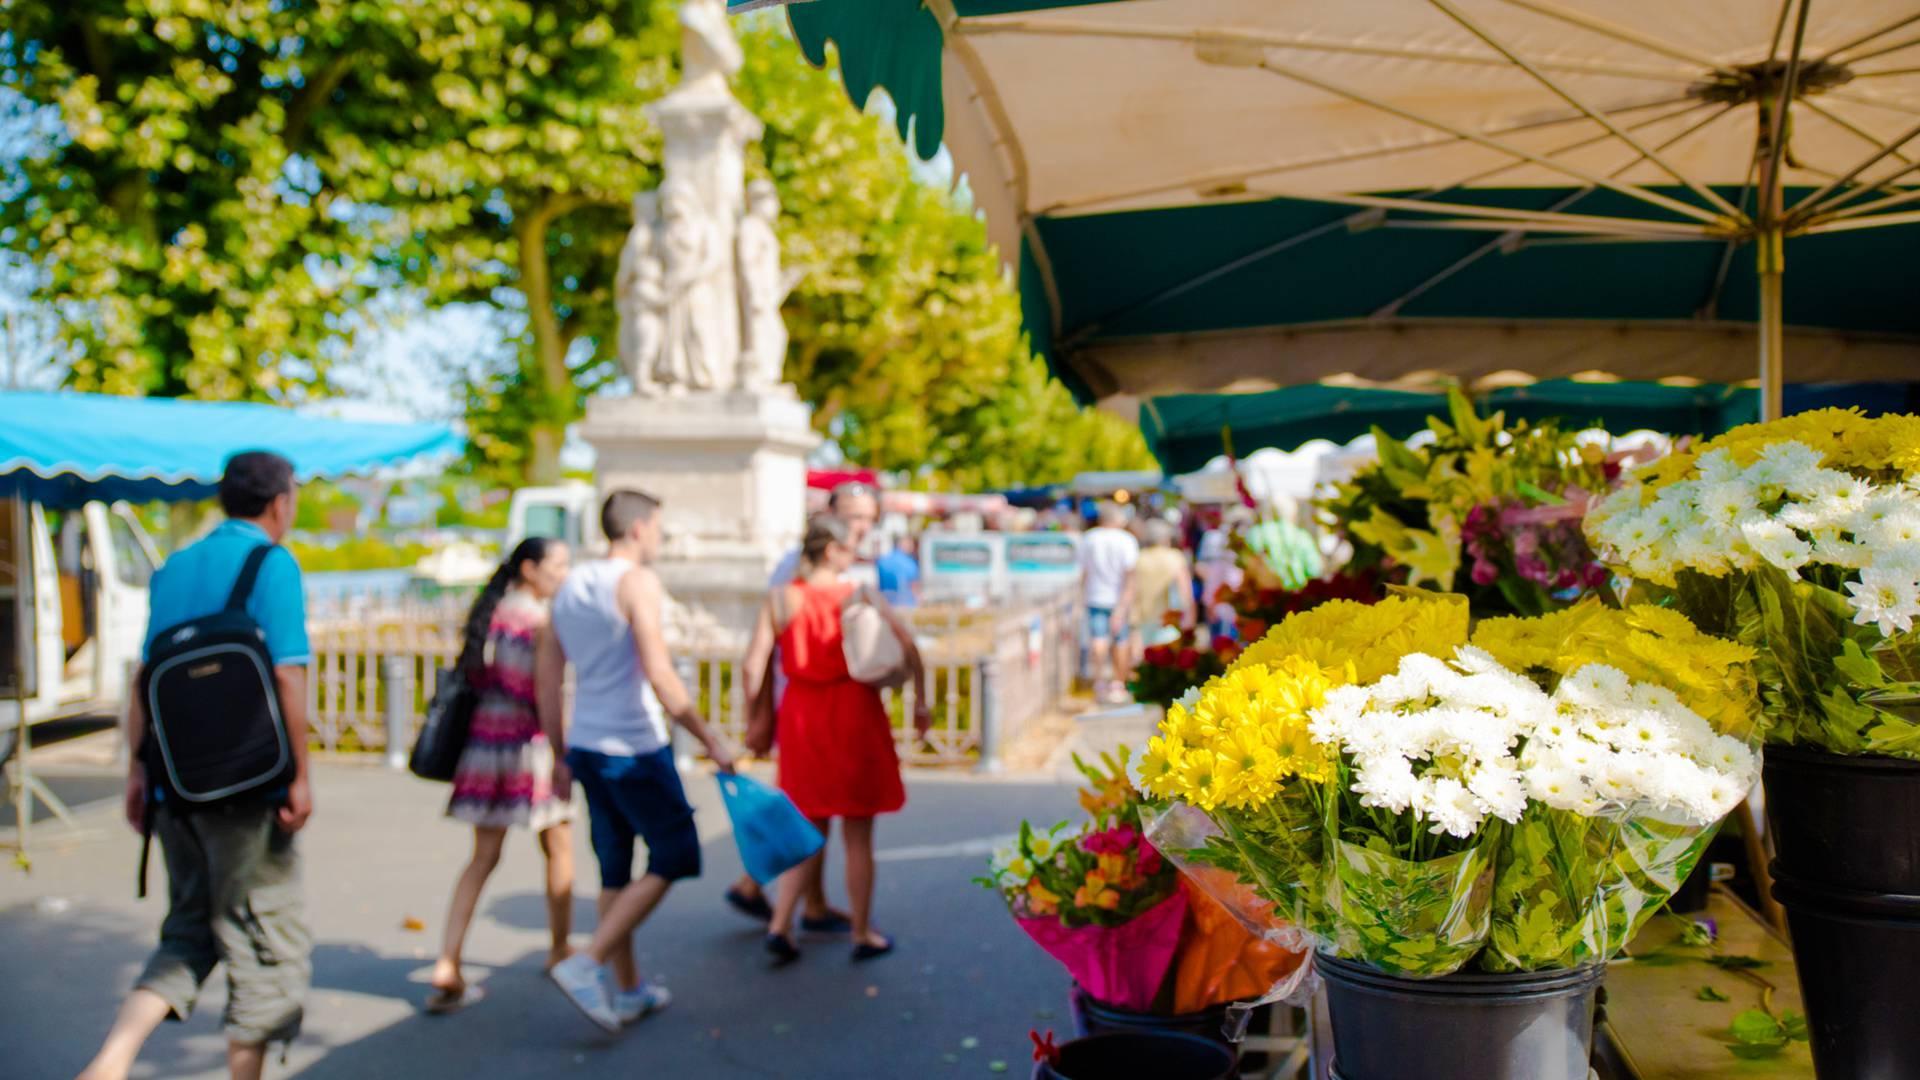 Le marché du samedi matin, quai Général de Gaulle, Montceau-les-Mines. © Franck Juillot.